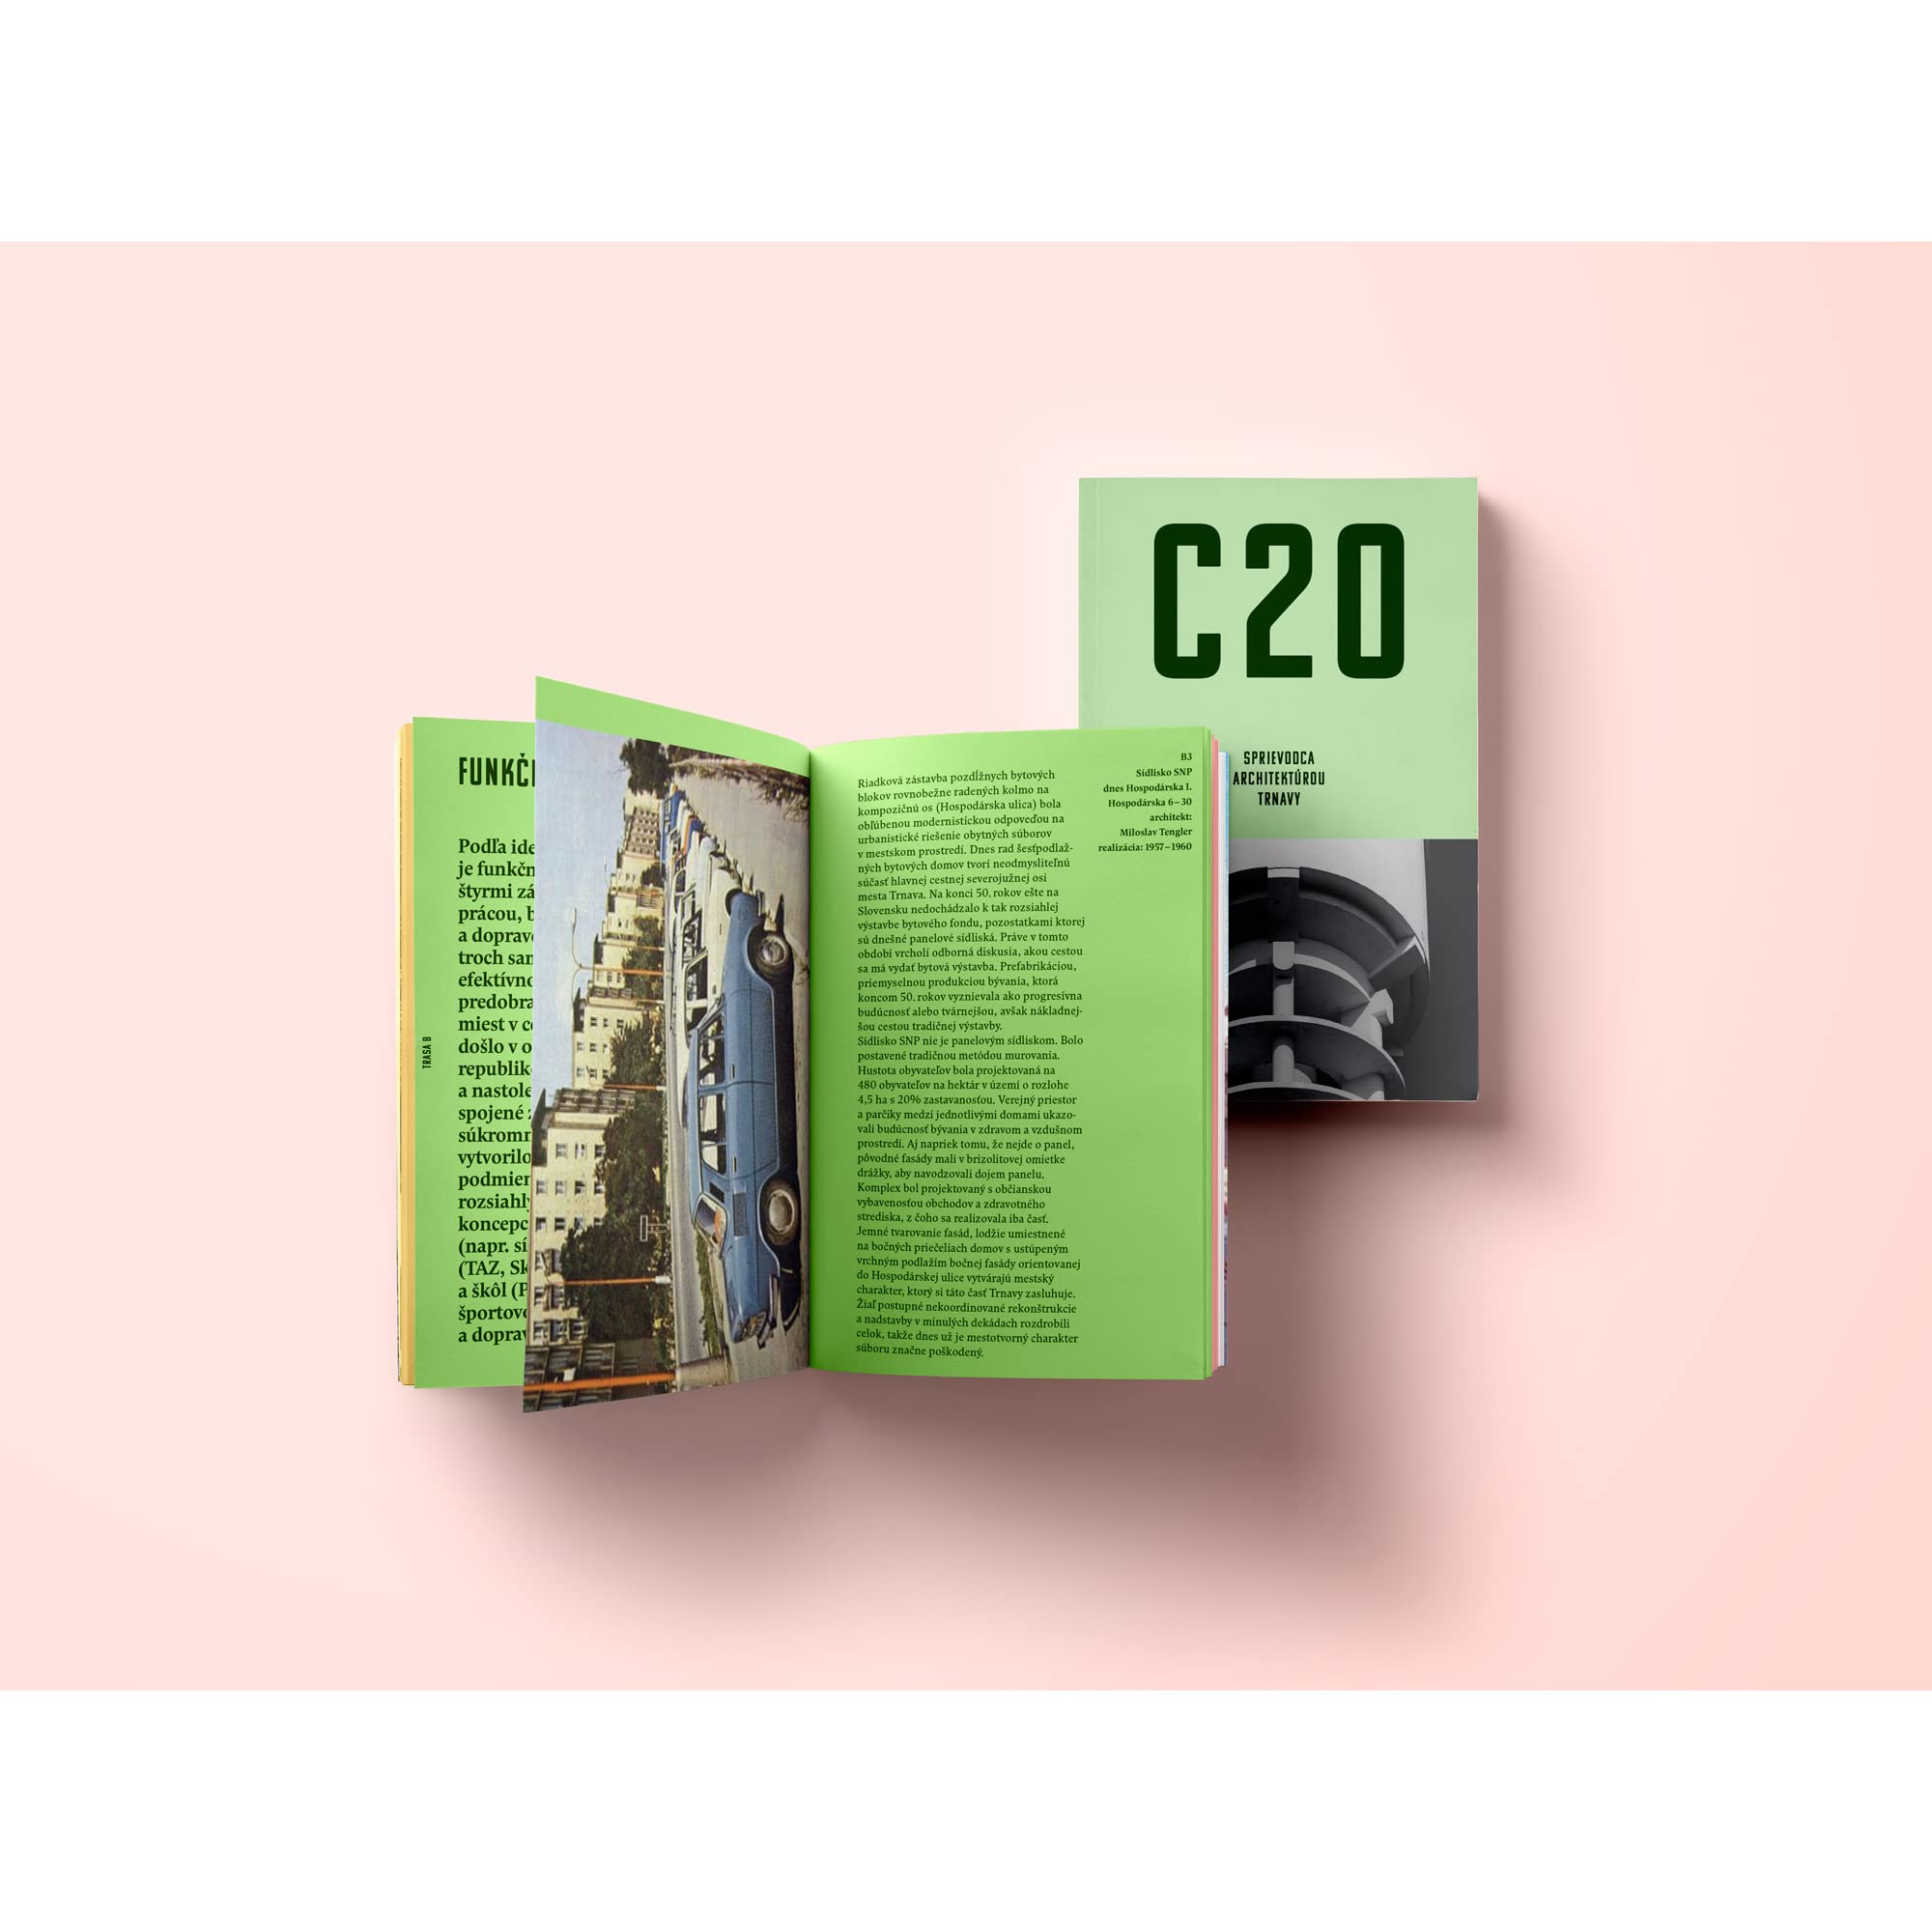 C20: SPRIEVODCA ARCHITEKTÚROU TRNAVY by Martin Zaiček